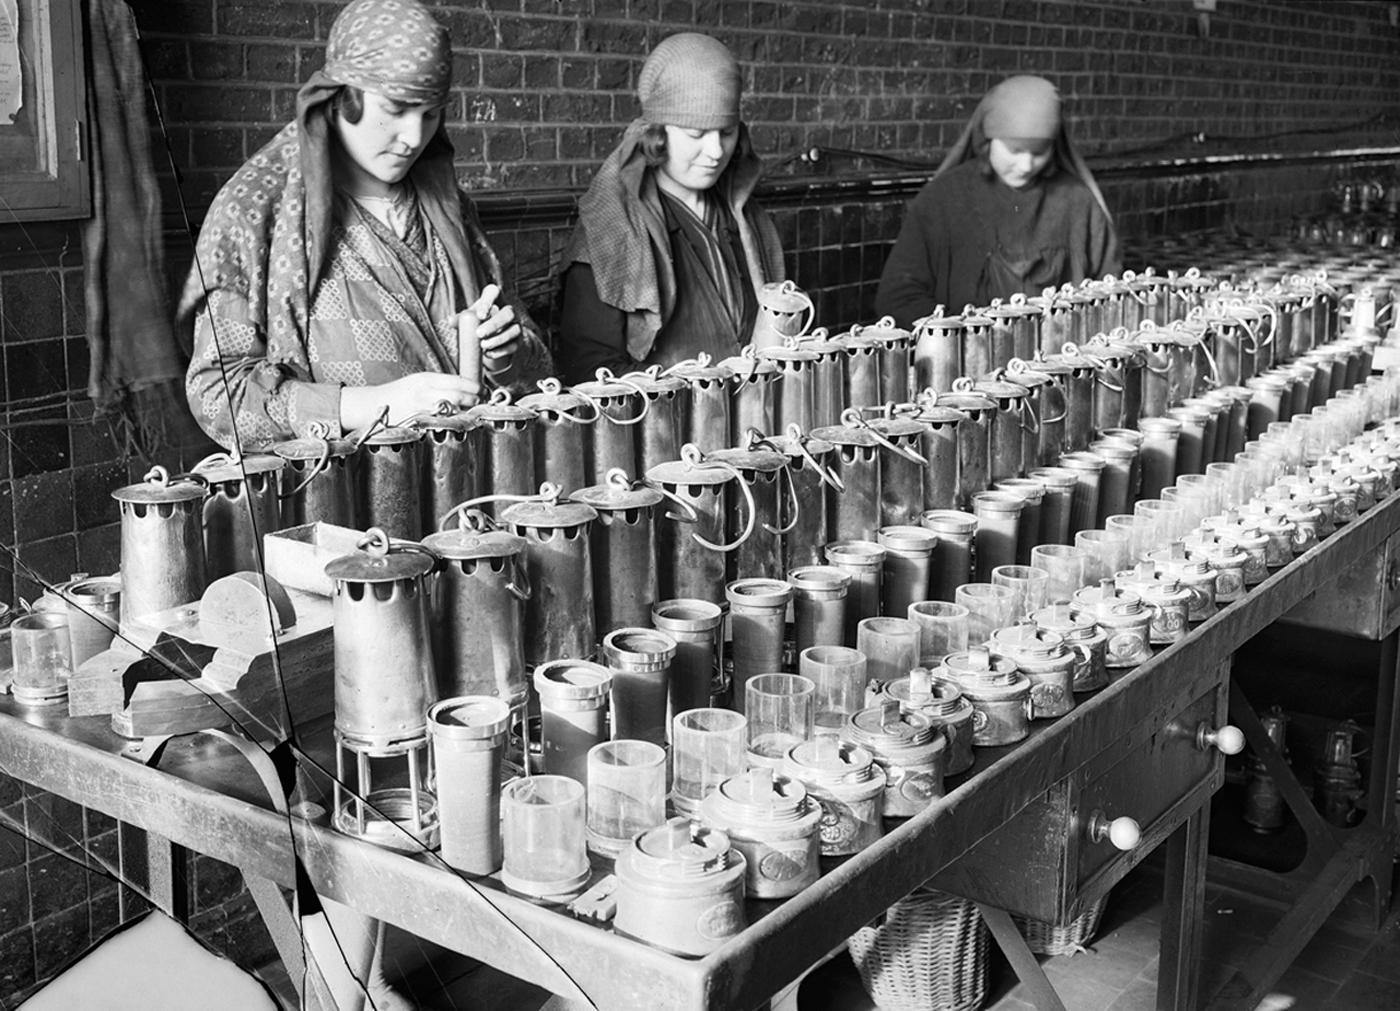 """François Kollar, """"Nettoyage des lampes. Société des mines de Lens, Lens (Pas-de-Calais)"""" (1931–34), 18 x 24 cm (Paris, Bibliothèque Forney; © François Kollar / Bibliothèque Forney / Roger-Viollet)"""